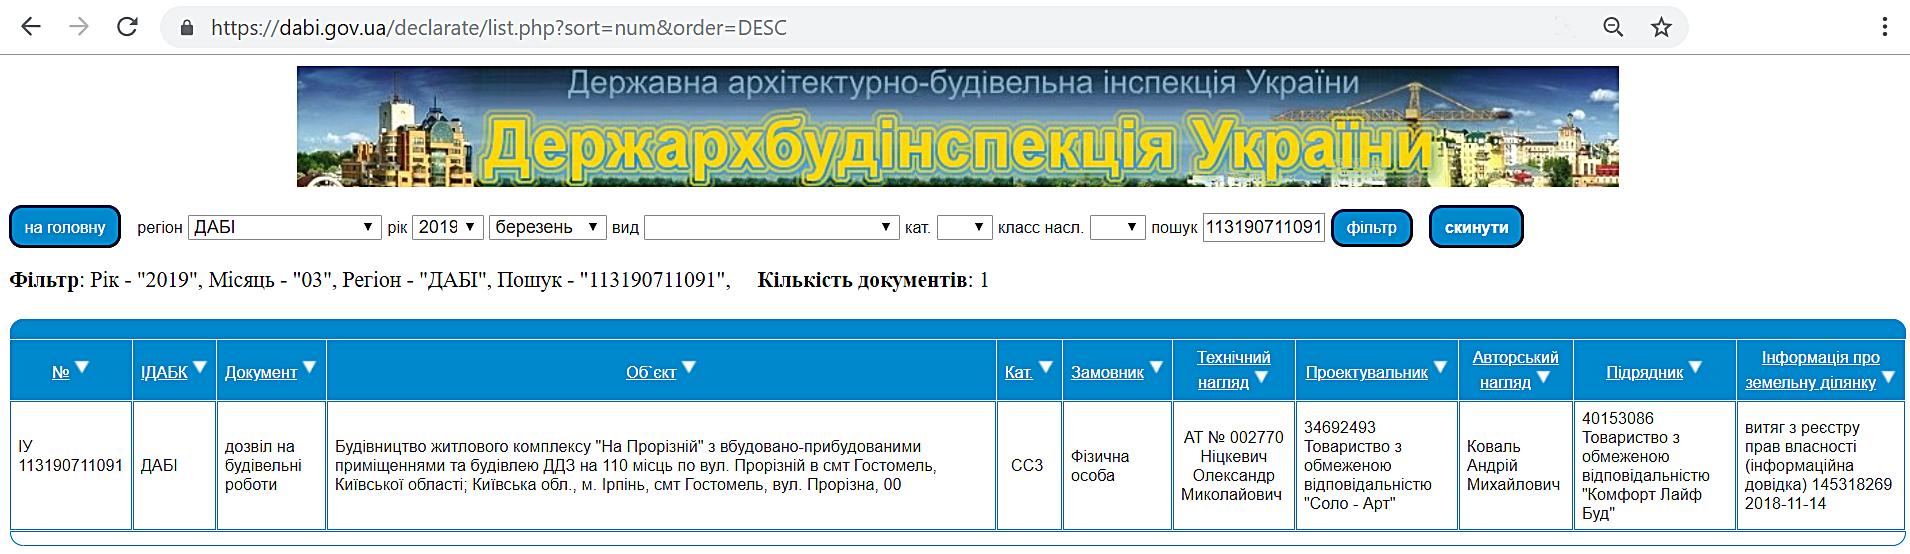 ЖК на Прорезной от Комфорт Лайф разрешение ДАБИ